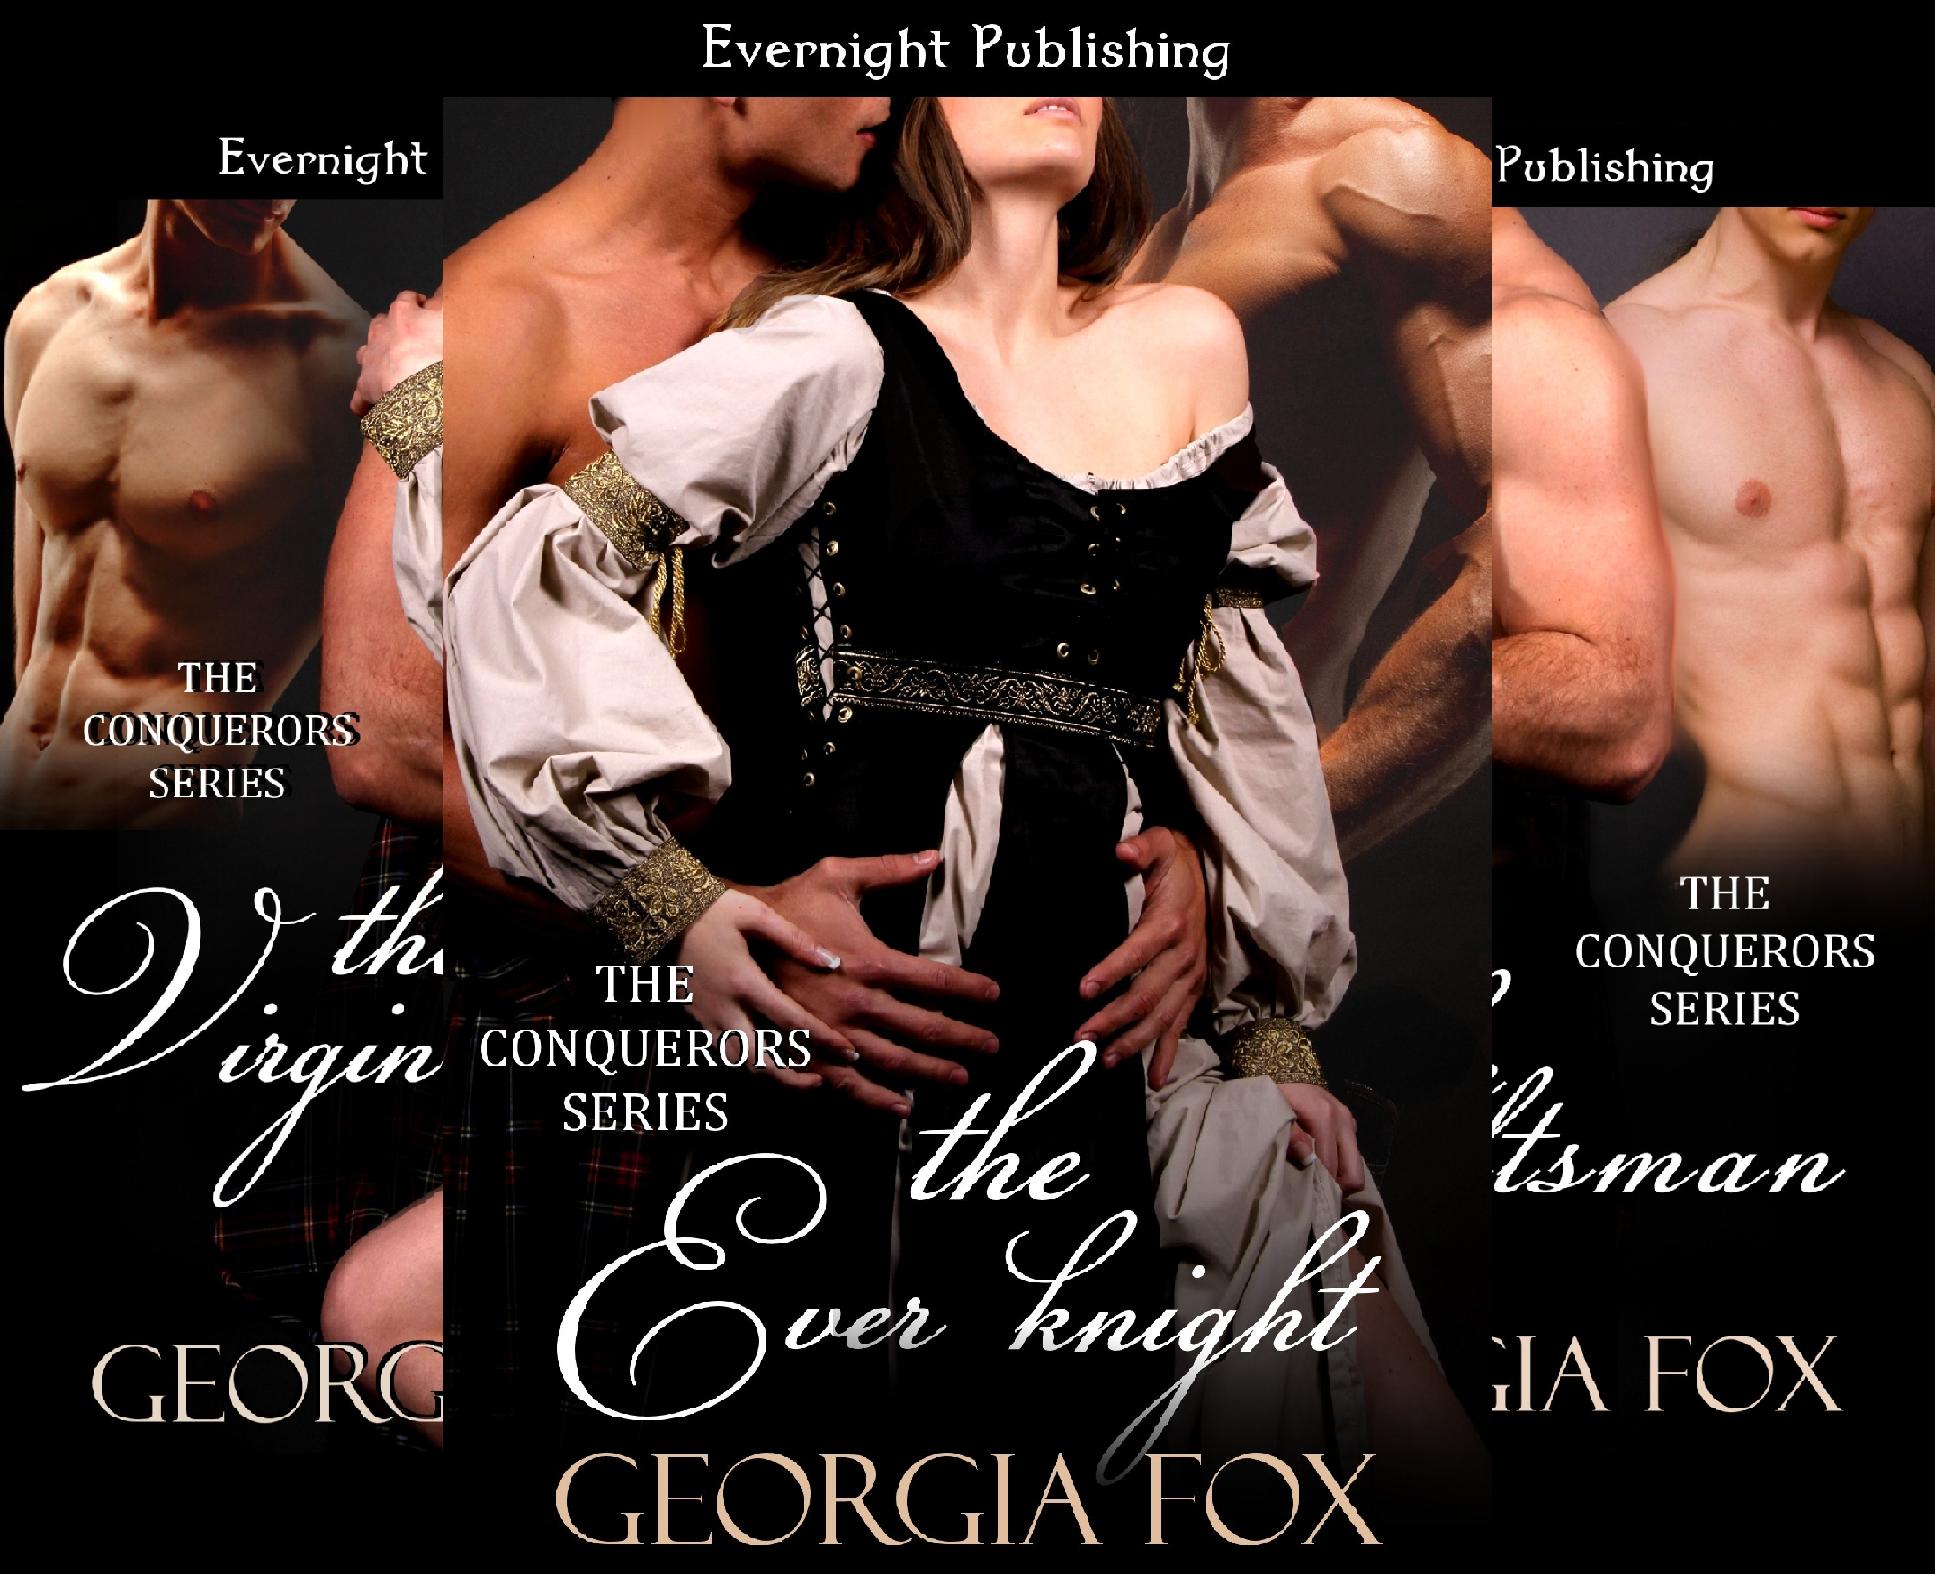 The Conquerors (6 Book Series) (Georgia Fox The Conquerors)